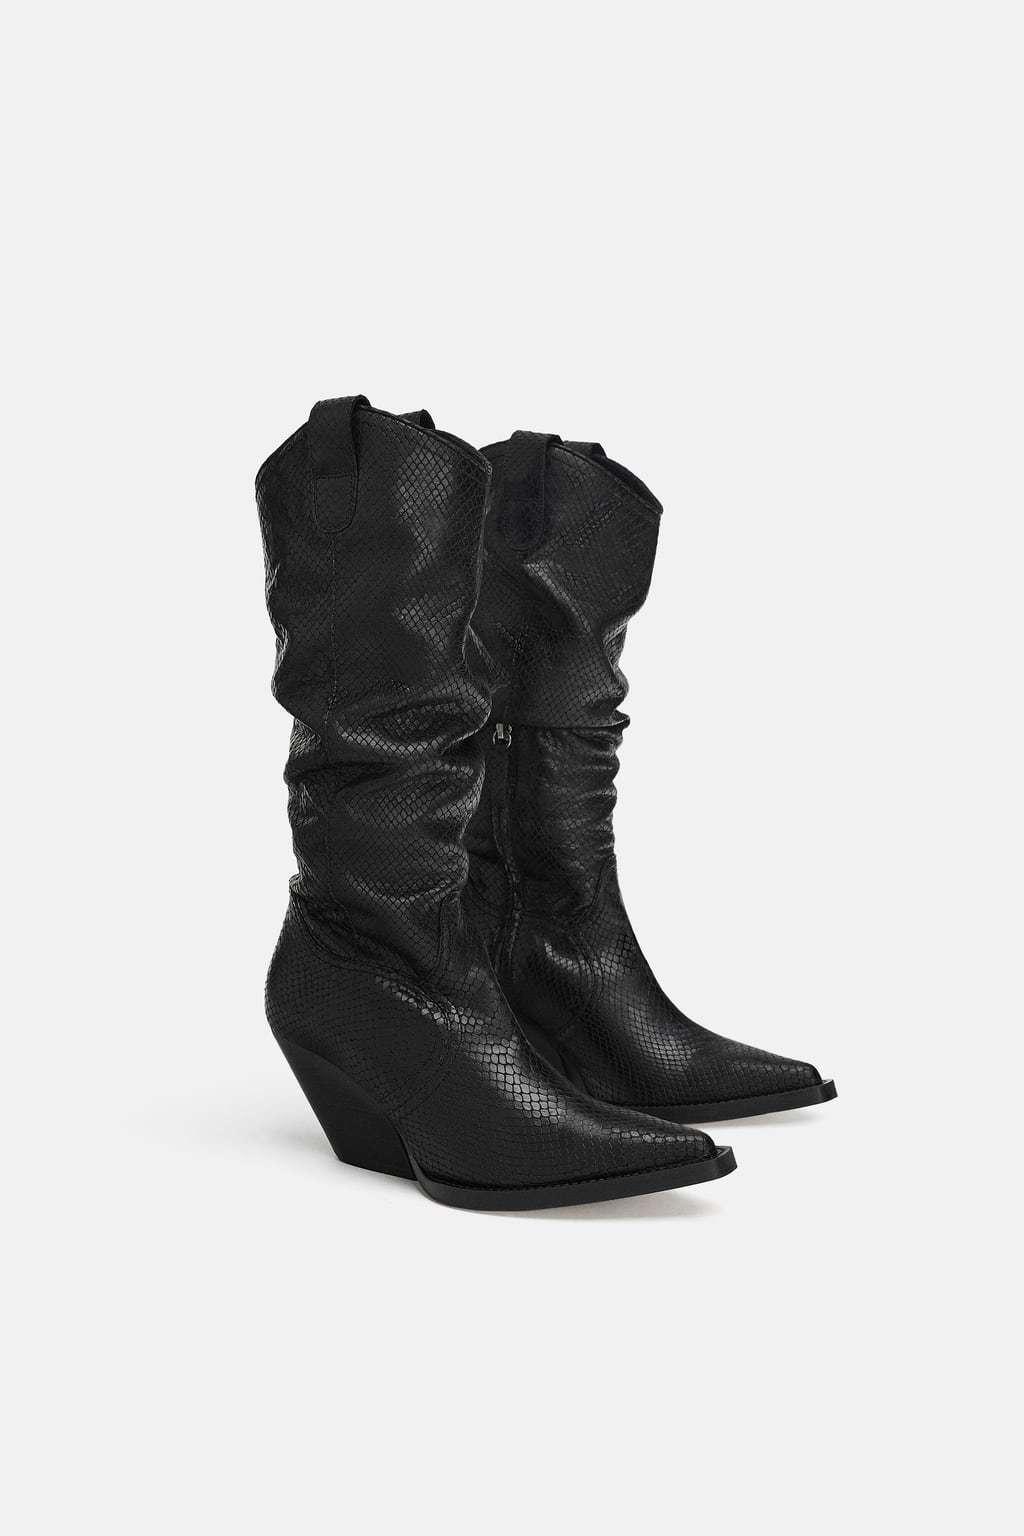 Zara Cuero Estampado De Piel De Serpiente AW18 Negro botas De Vaquero Todas las tallas ref. 5014 301